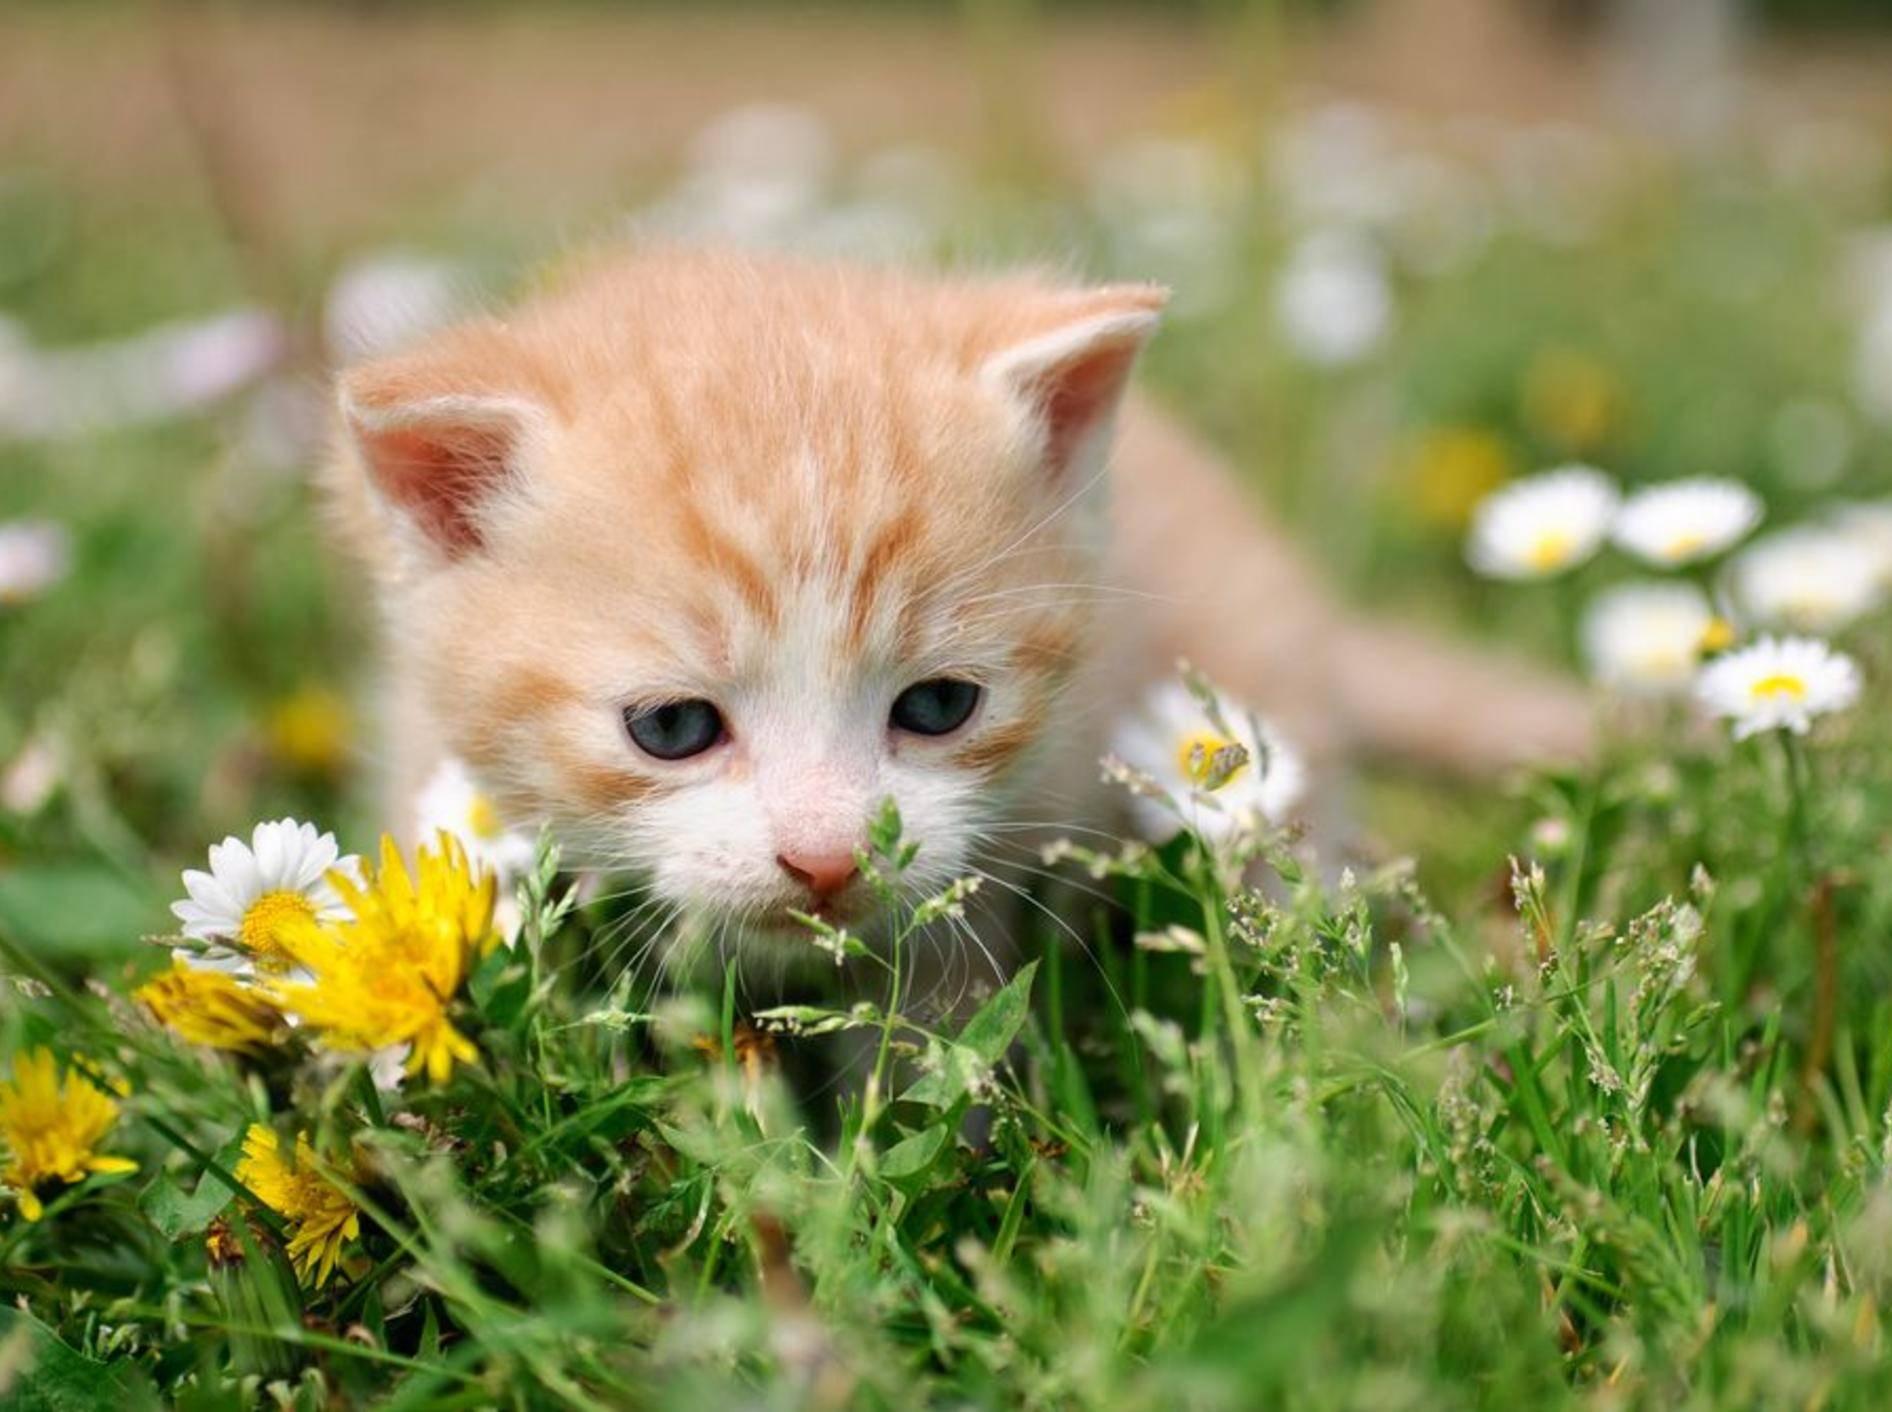 Rotes Katzenbaby auf der Blumenwiese - Bild: Shutterstock / Anettphoto